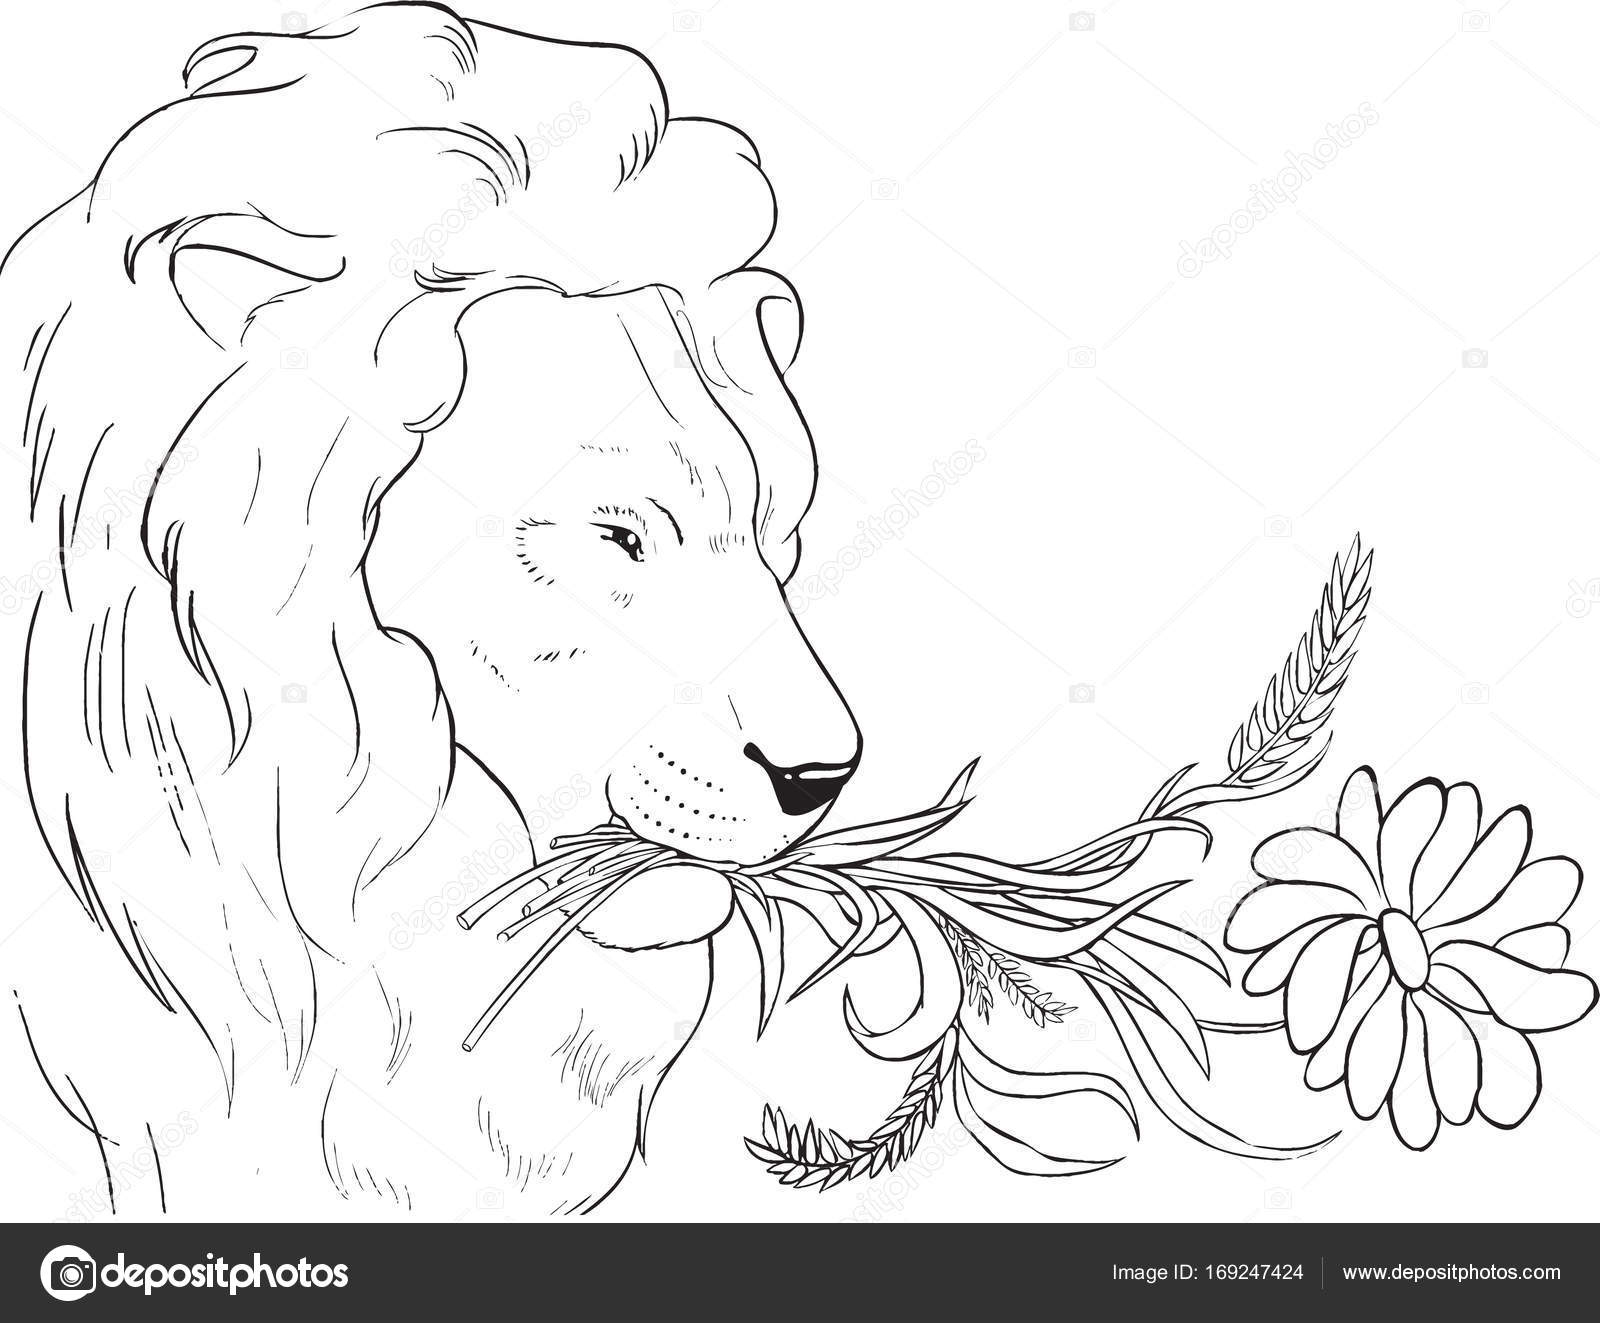 Malvorlagen. Löwe wird Stroh Essen. — Stockfoto © SunFunJen #169247424